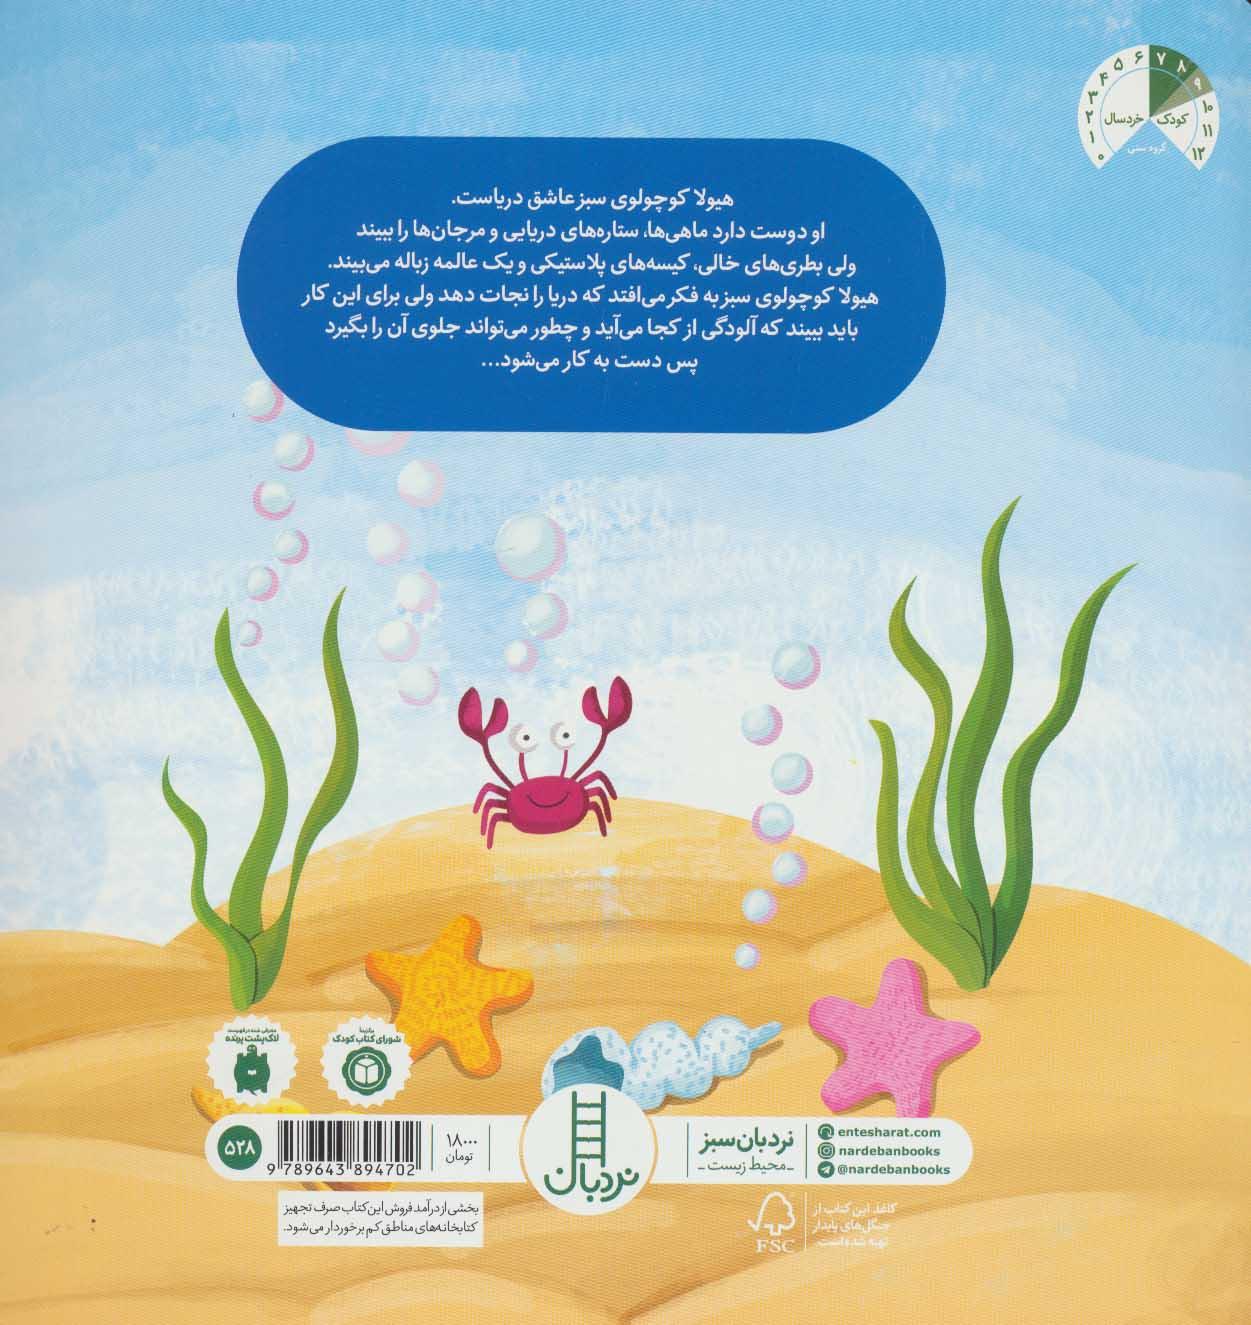 هیولای سبز دریا را نجات می دهد! (گلاسه)